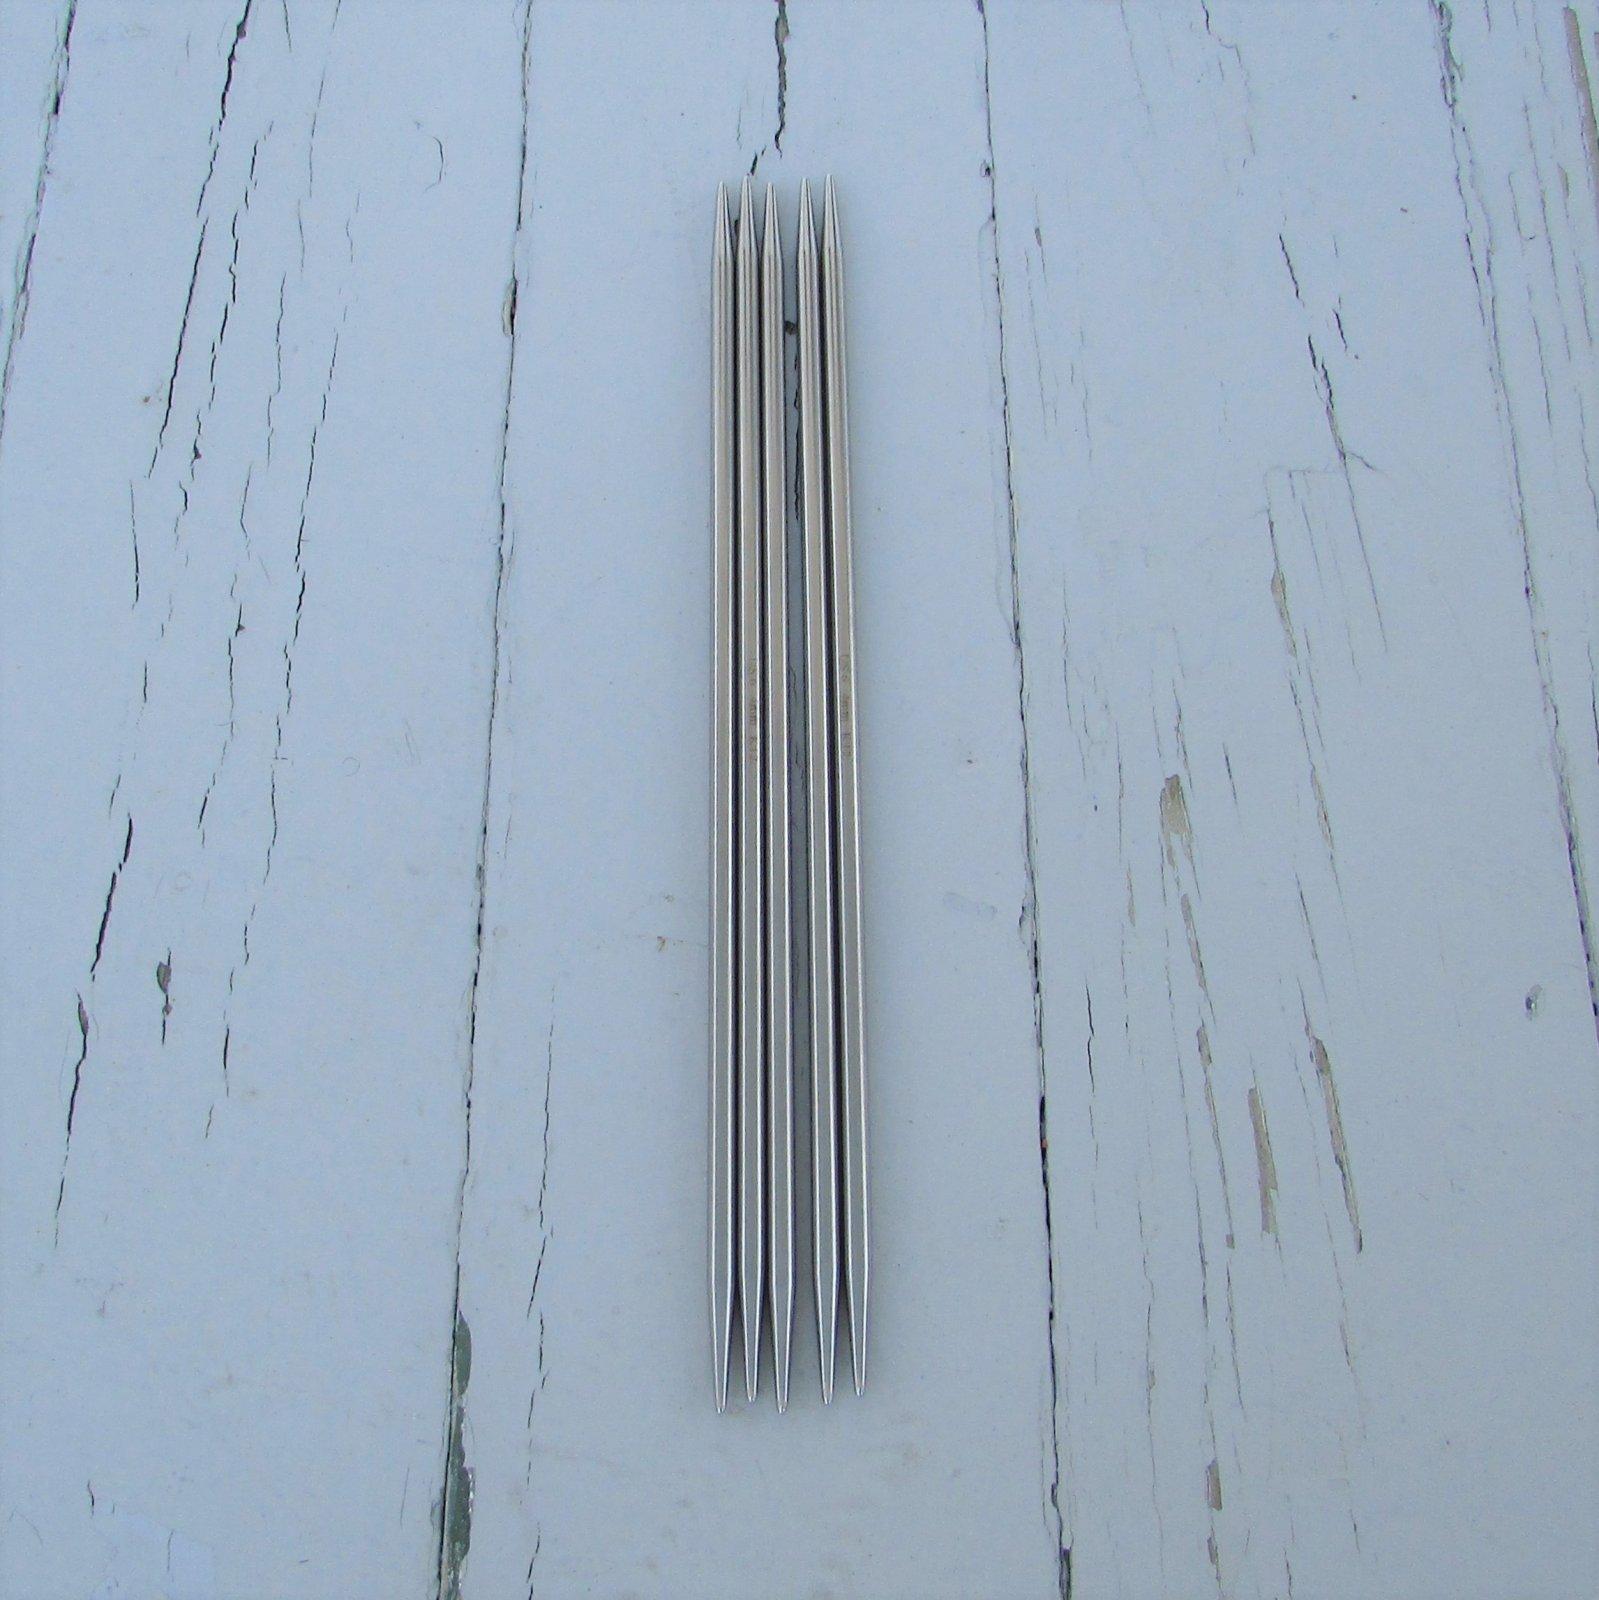 HiyaHiya 8 Stainless Steel DPNs